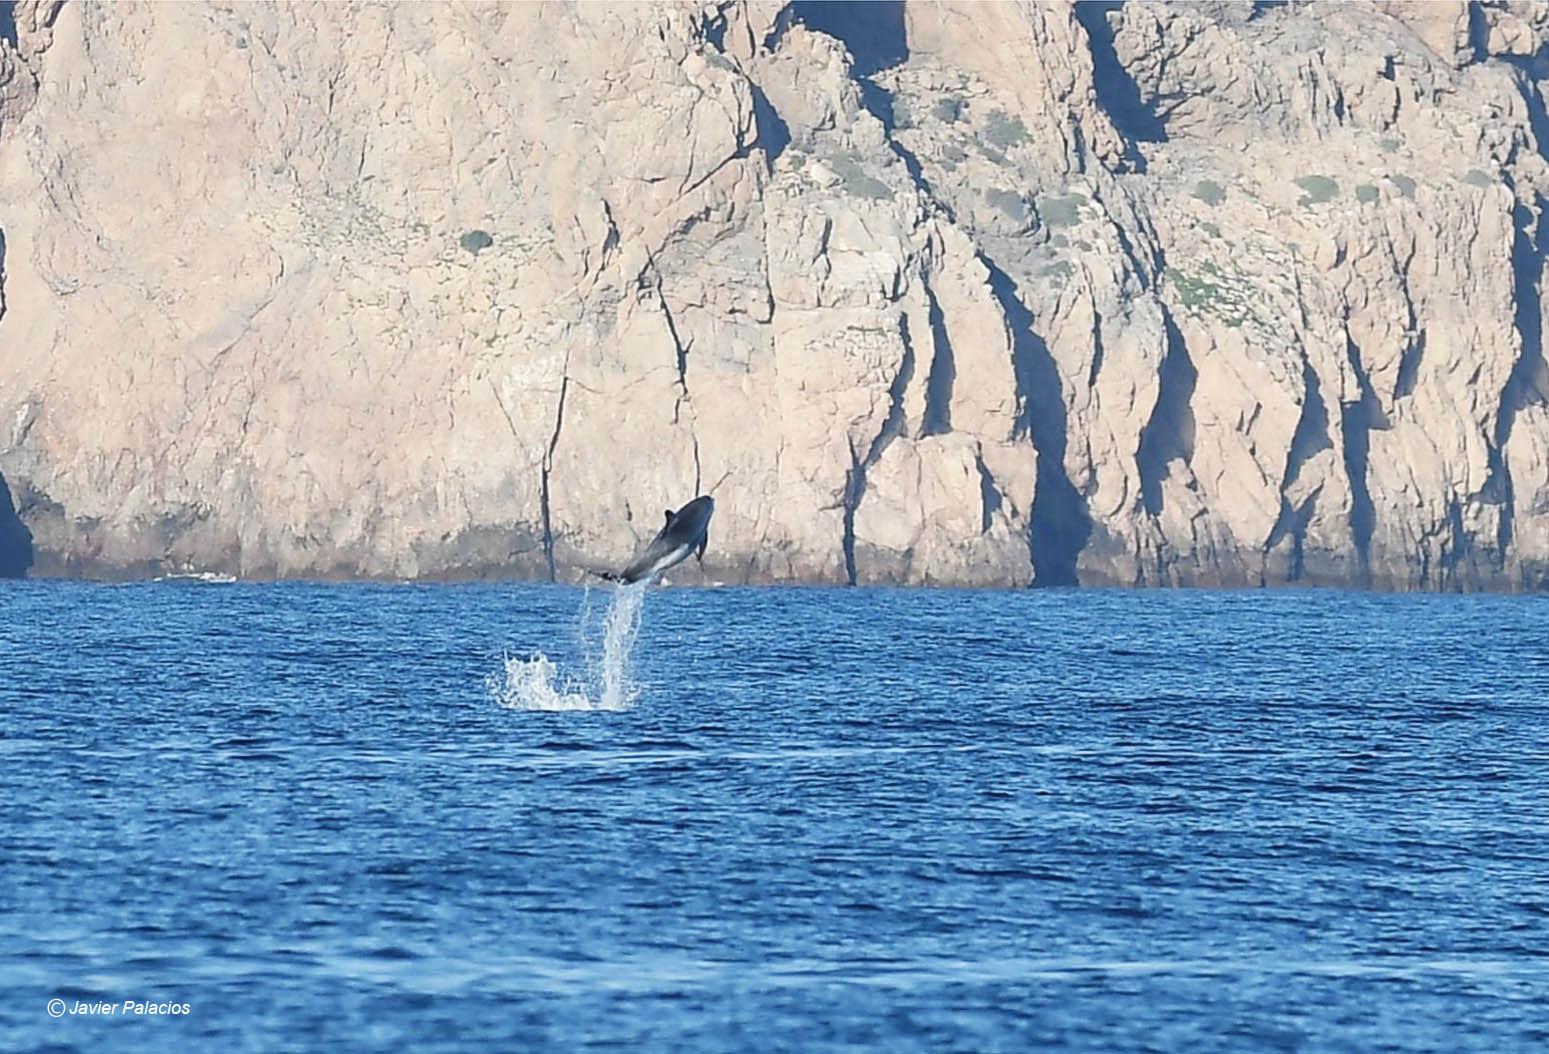 Delfín saltando frente a los acantilados de Cabo Tiñoso. Imagen: Javier Palacios